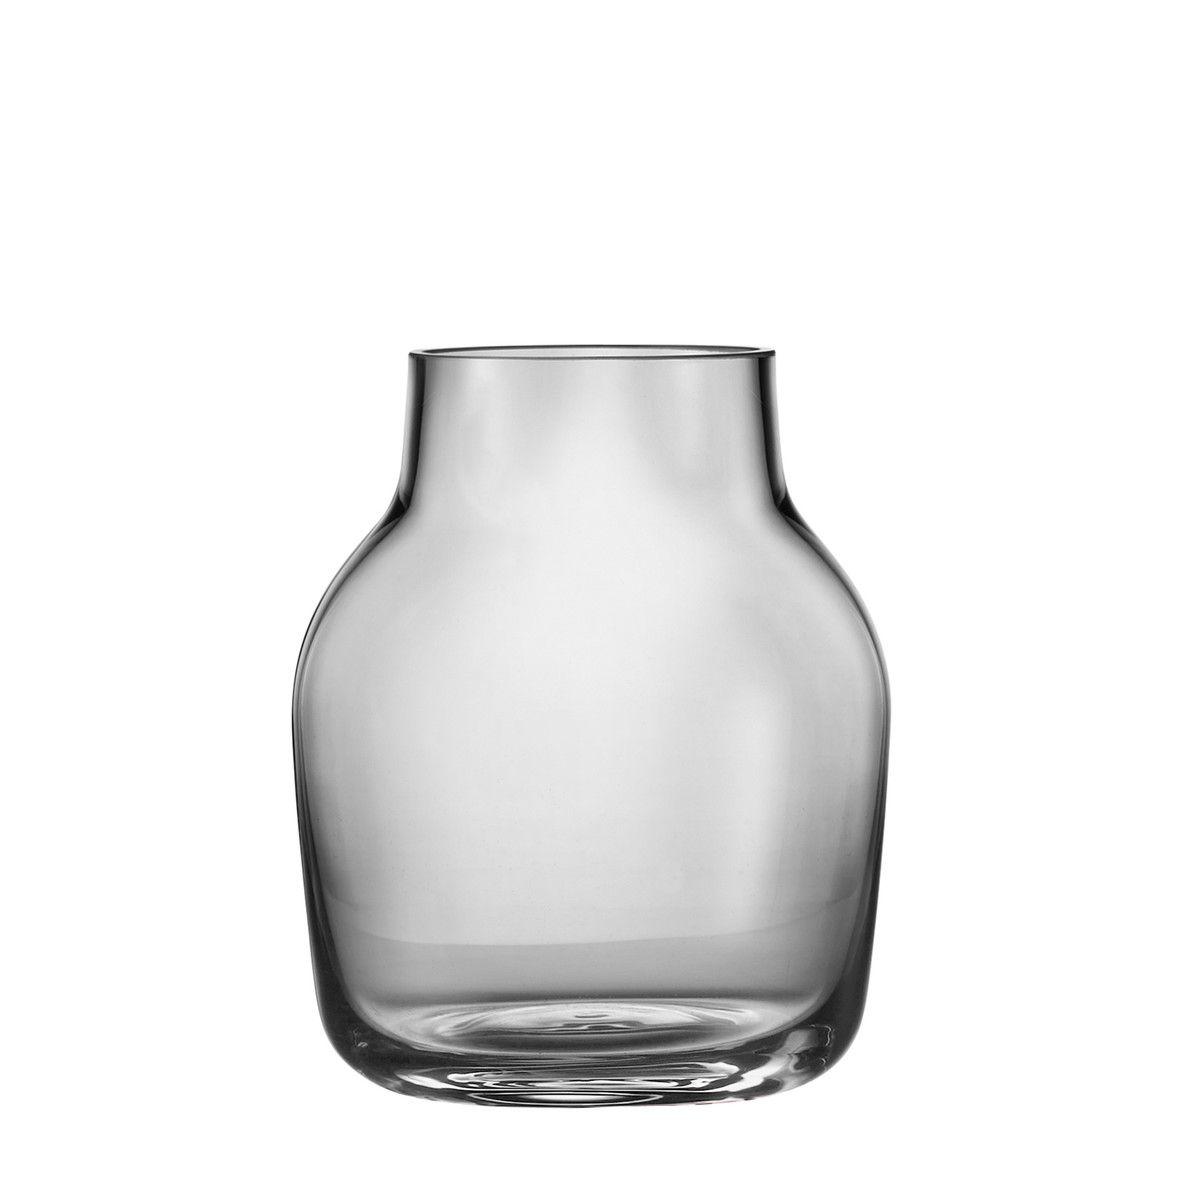 Brilliant Vase Grau Sammlung Von Muuto - Silent Vase, Small, Jetzt Bestellen